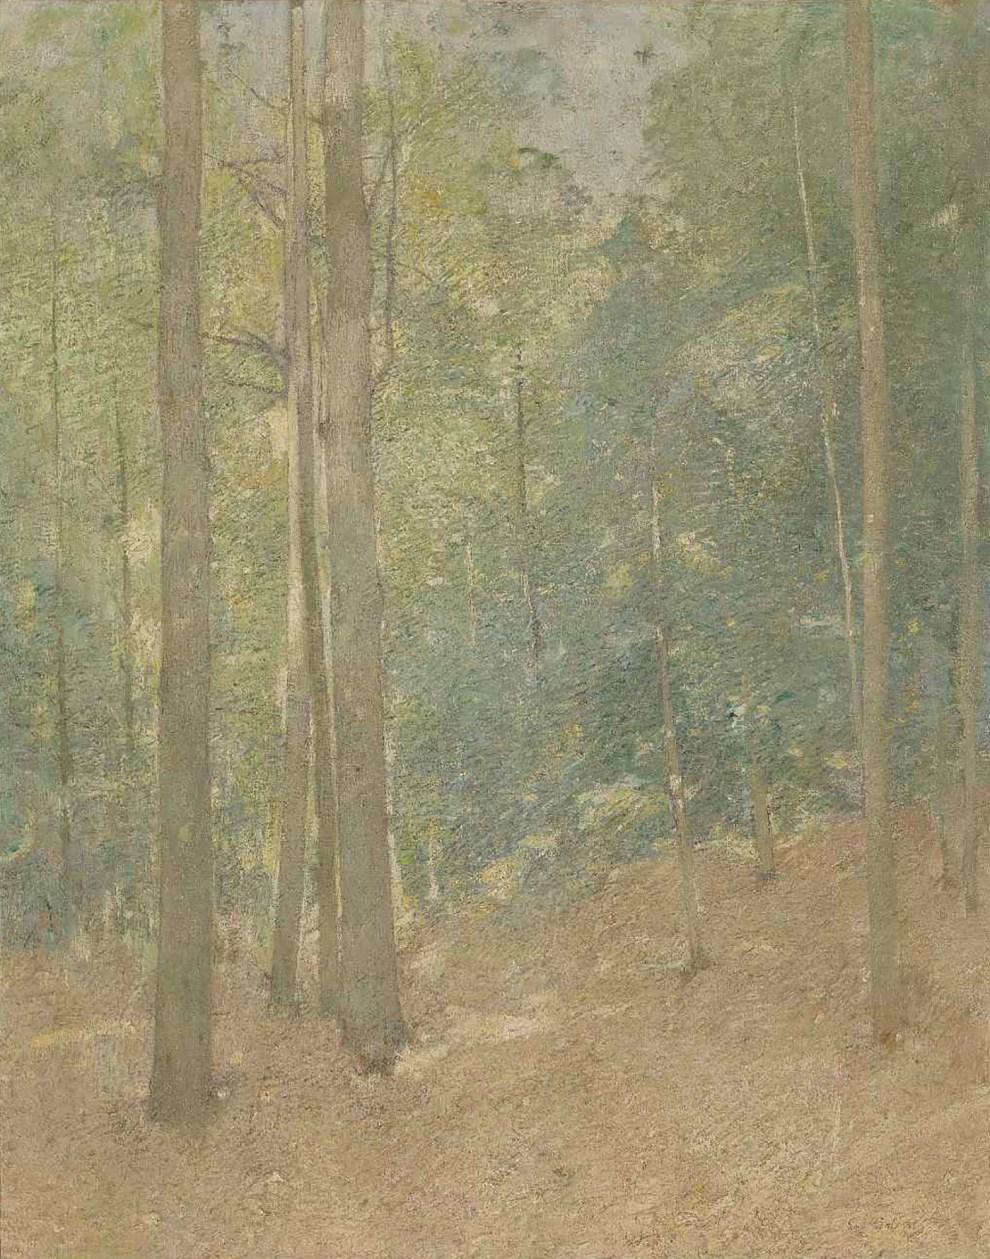 Emil Carlsen : Morning sunlight, ca.1905.